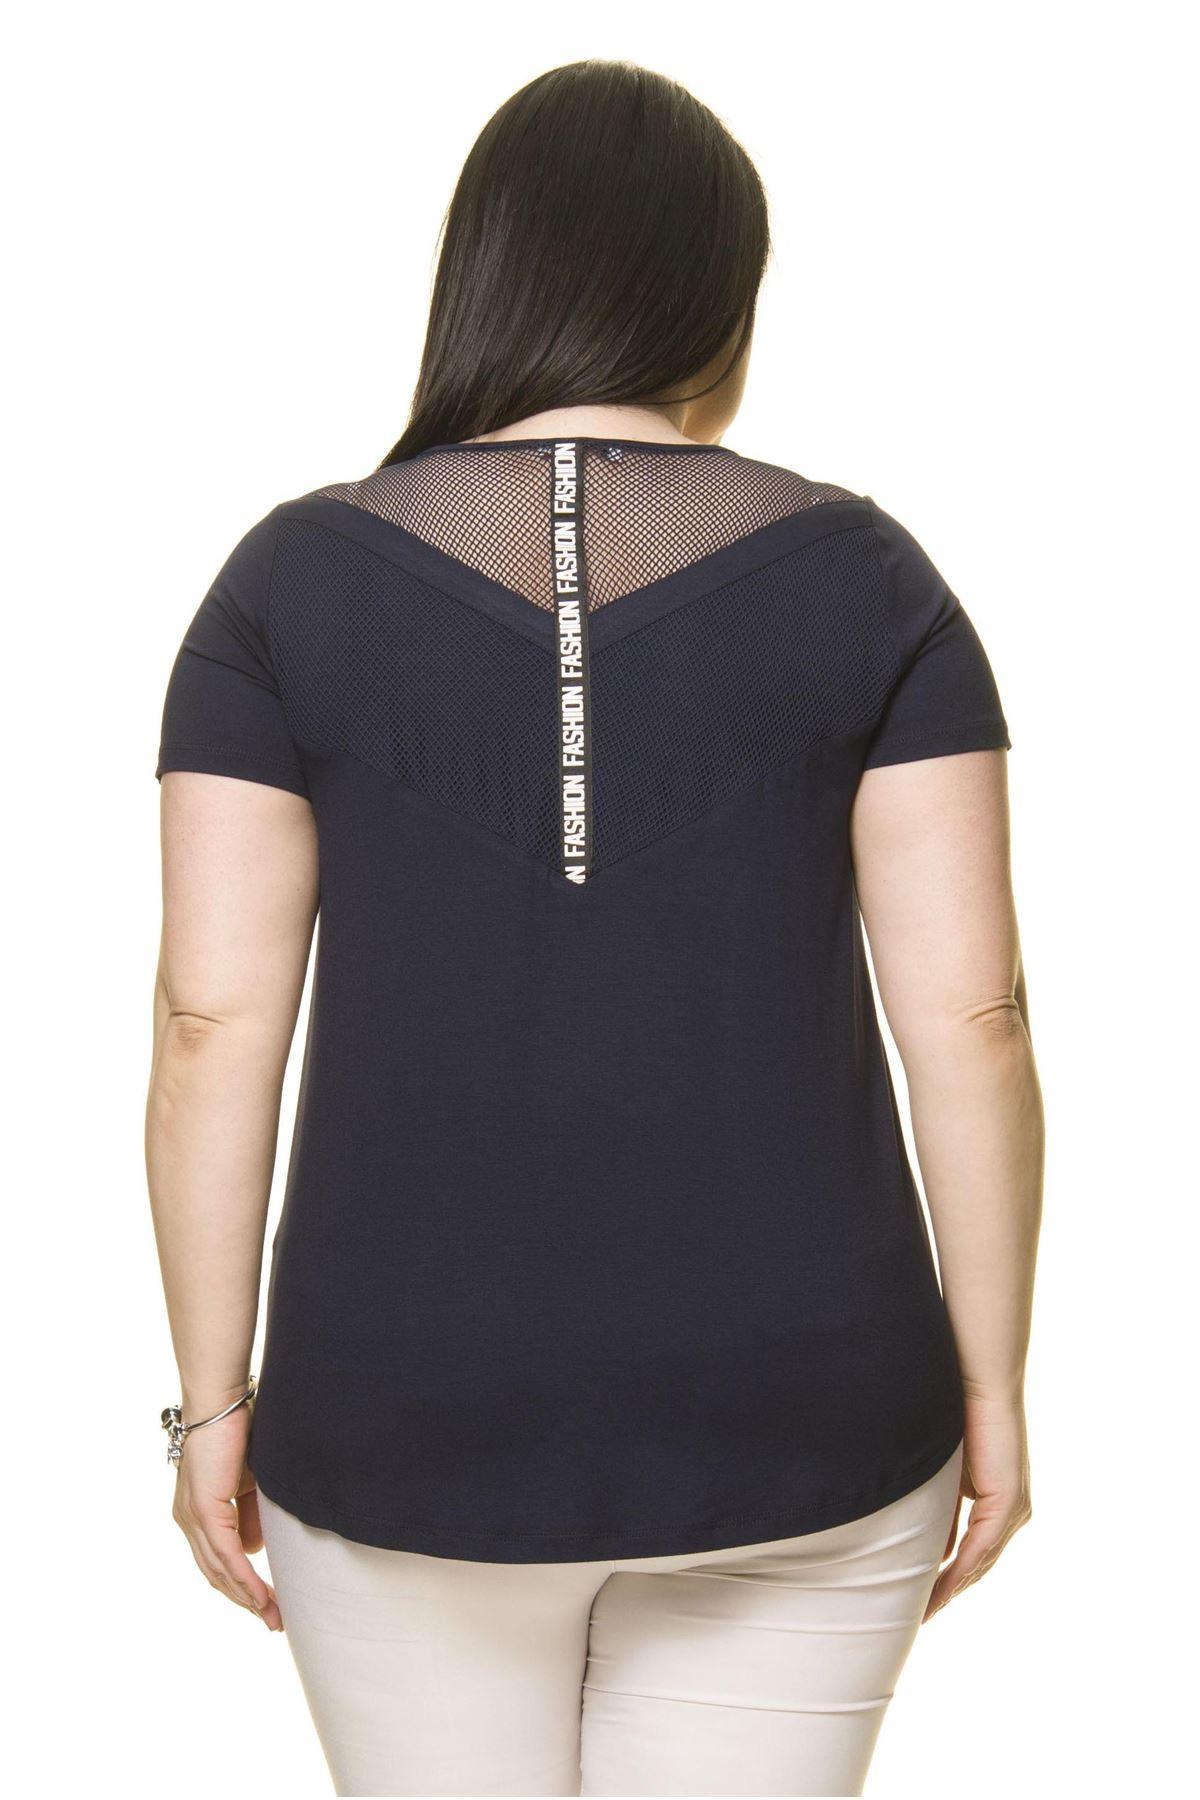 Kadın Büyük Beden Lacivert Spor Bluz  A4-3010